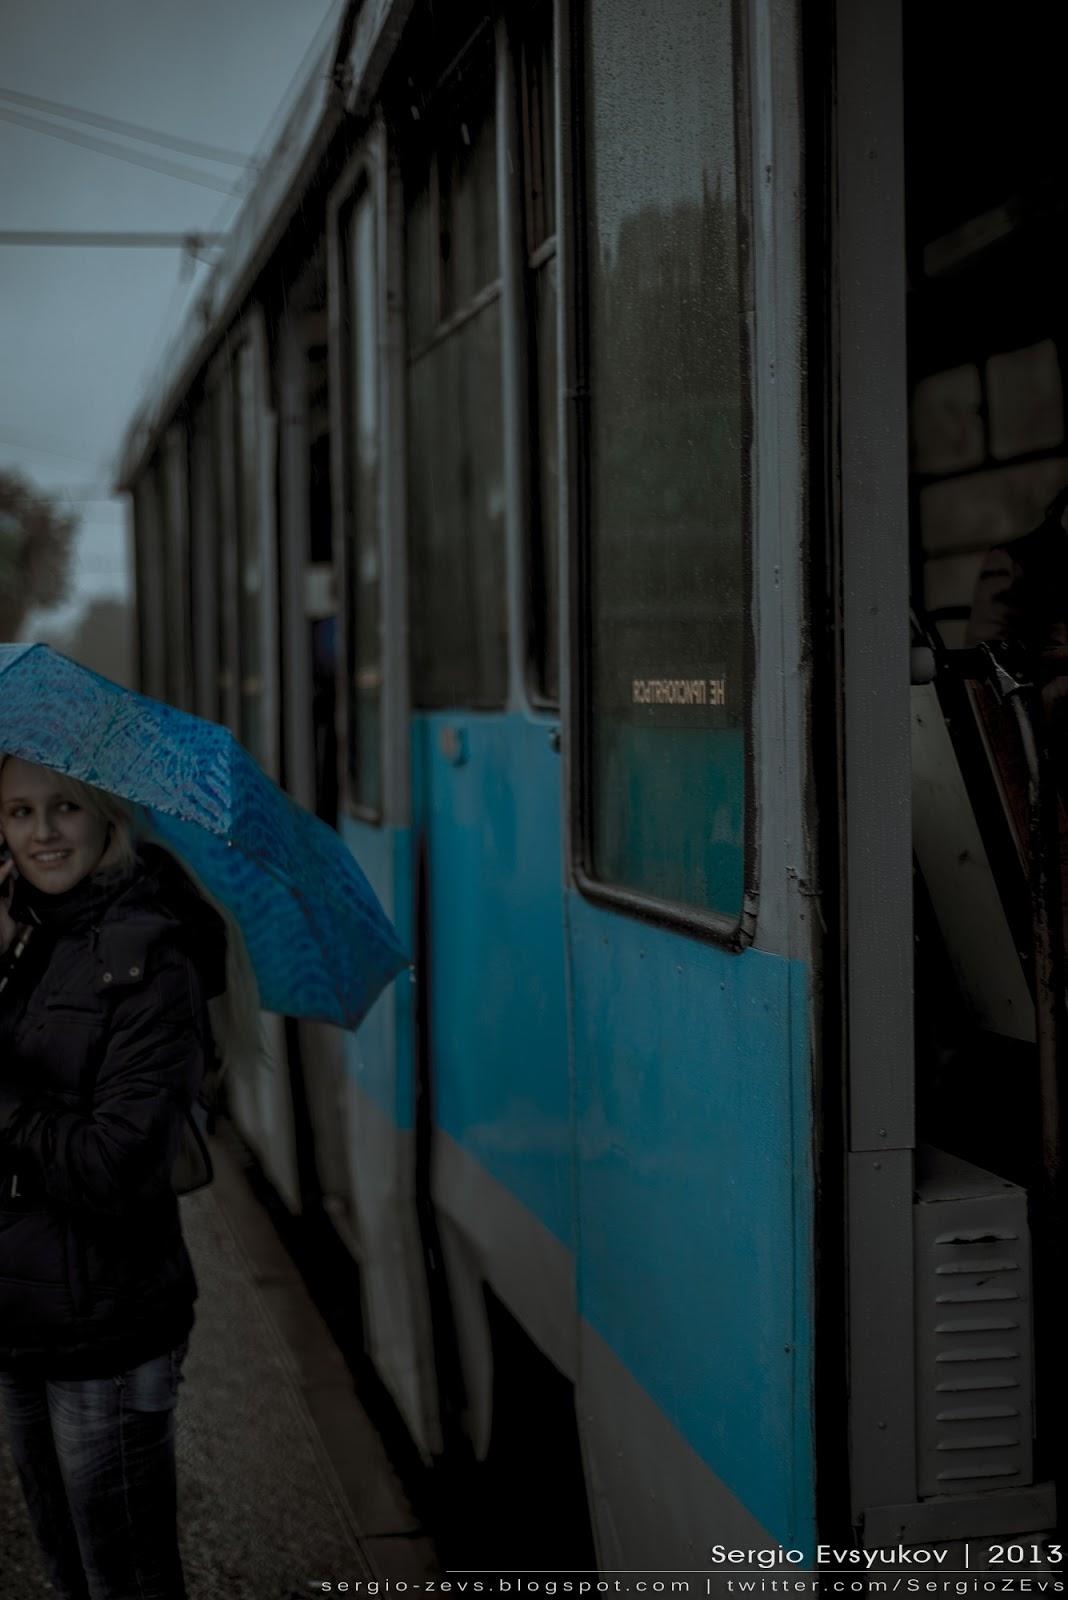 Rain and tram